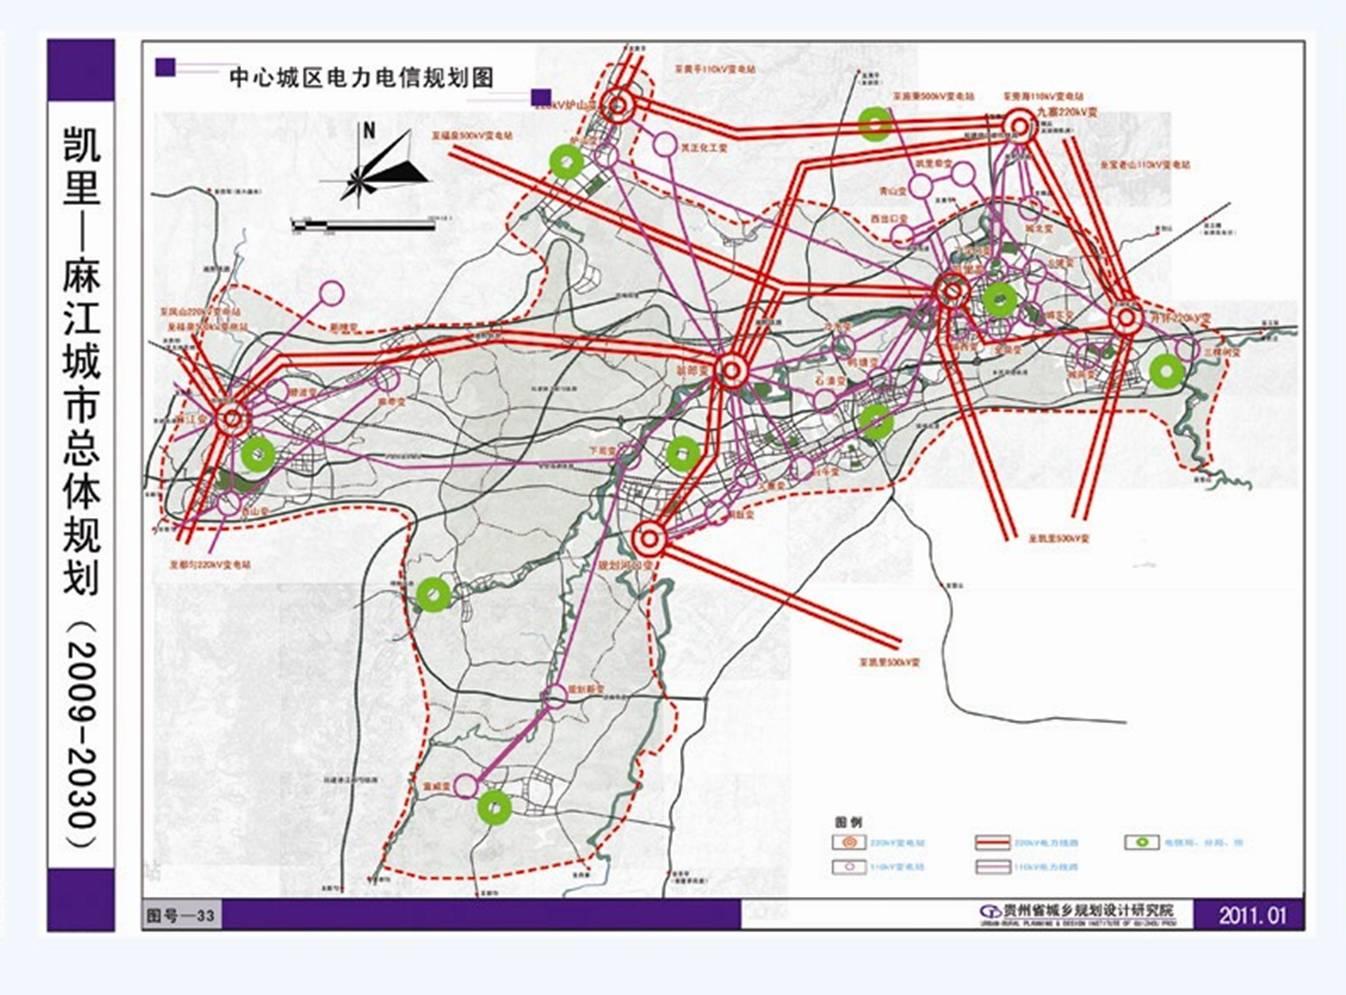 麻江县交通地图